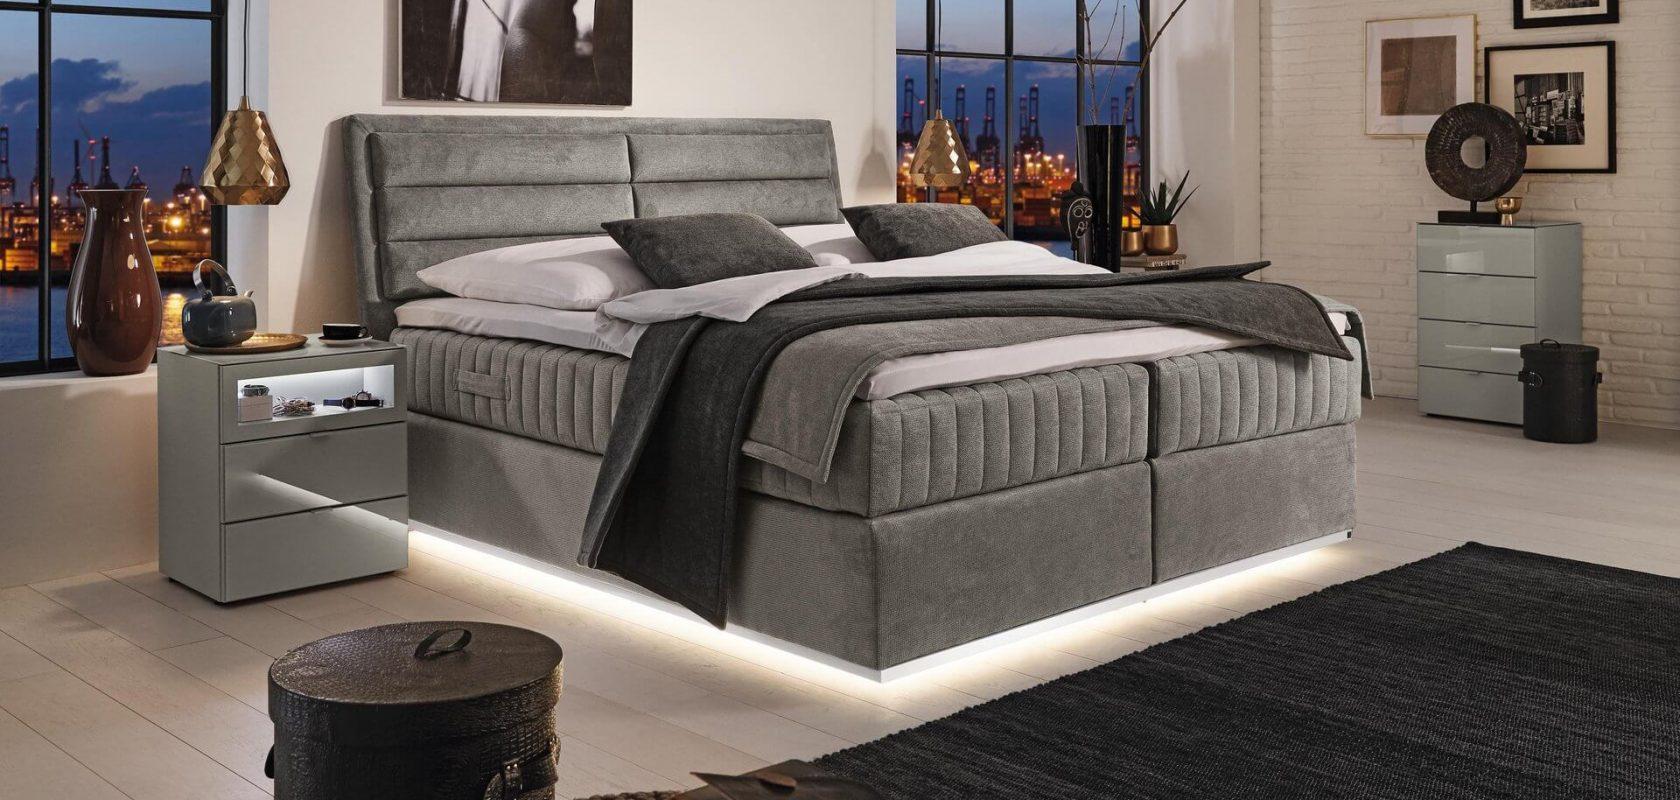 boxpsringbett funktionen schlafen schlafzimmer-min